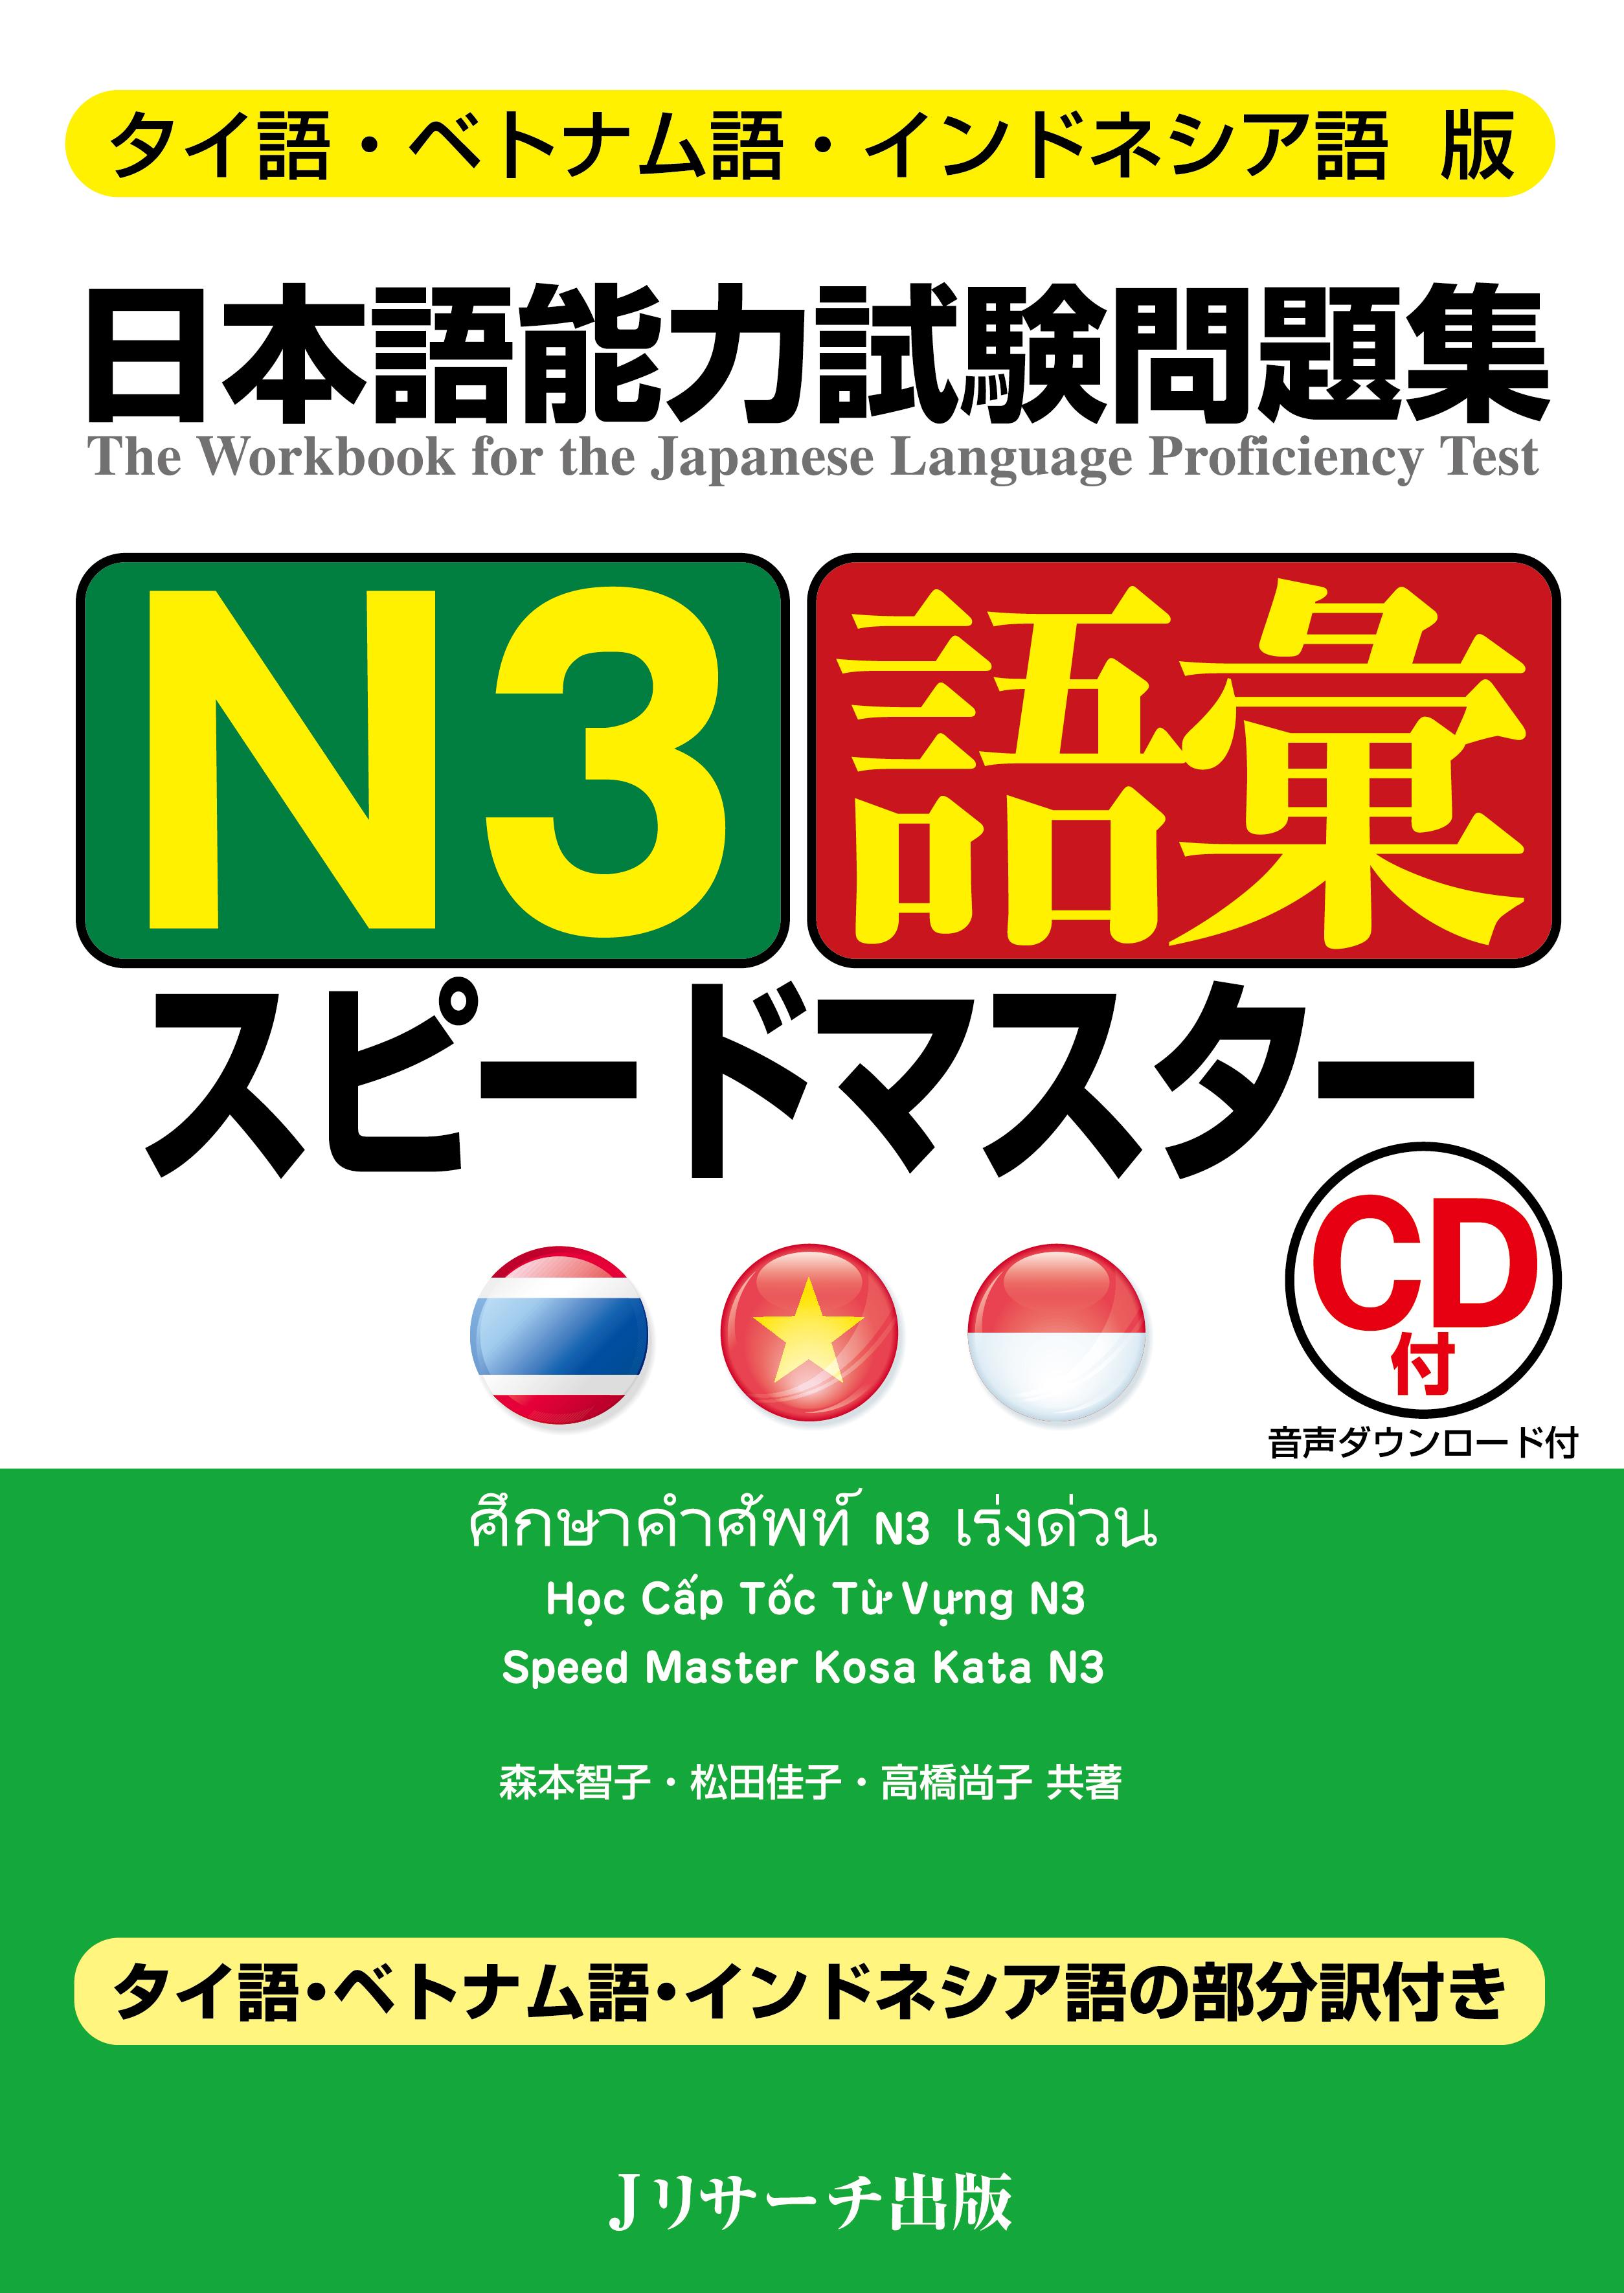 タイ語・ベトナム語・インドネシア語版 日本語能力試験問題集 N3語彙スピードマスター 画像